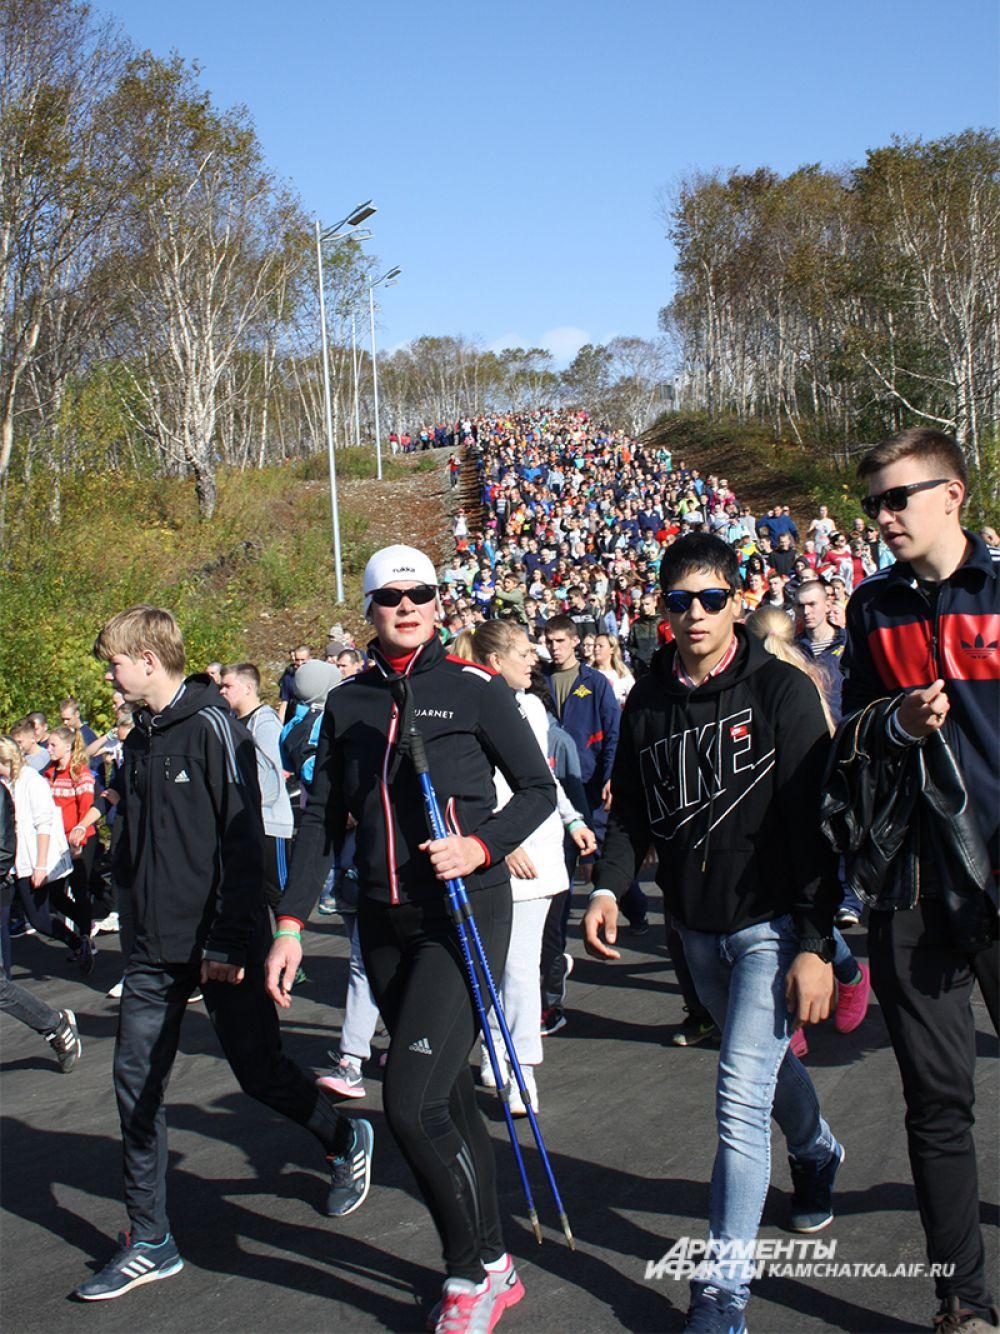 За время пешей прогулки участники сделали 21 930 тысяч шагов.